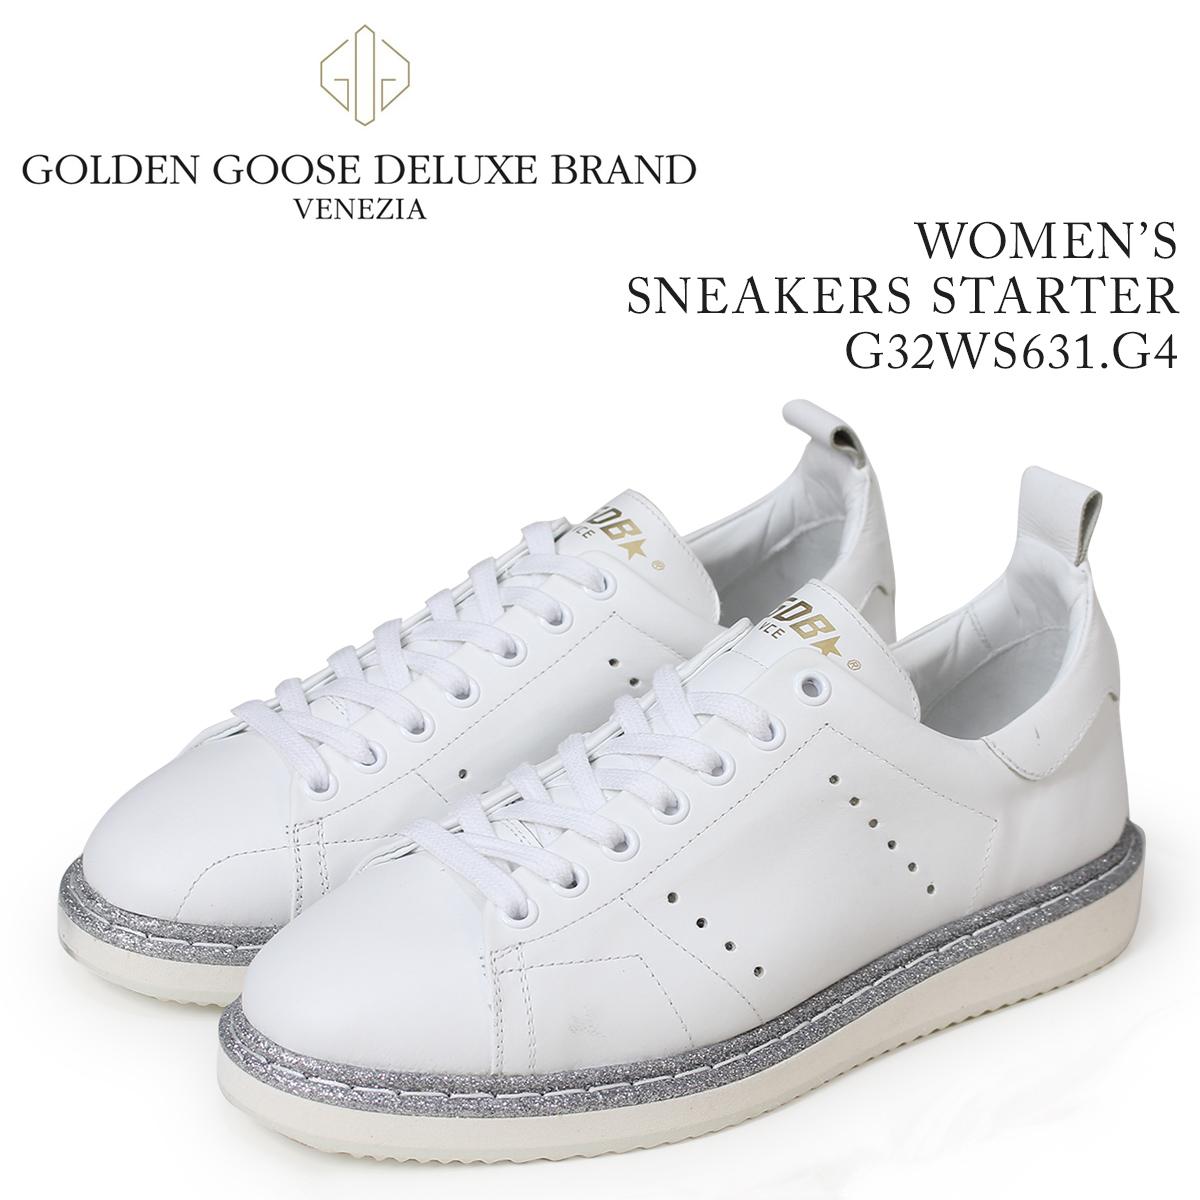 Golden Goose ゴールデングース スニーカー レディース スニーカーズ スターター SNEAKERS STARTER ホワイト 白 G32WS631 G4